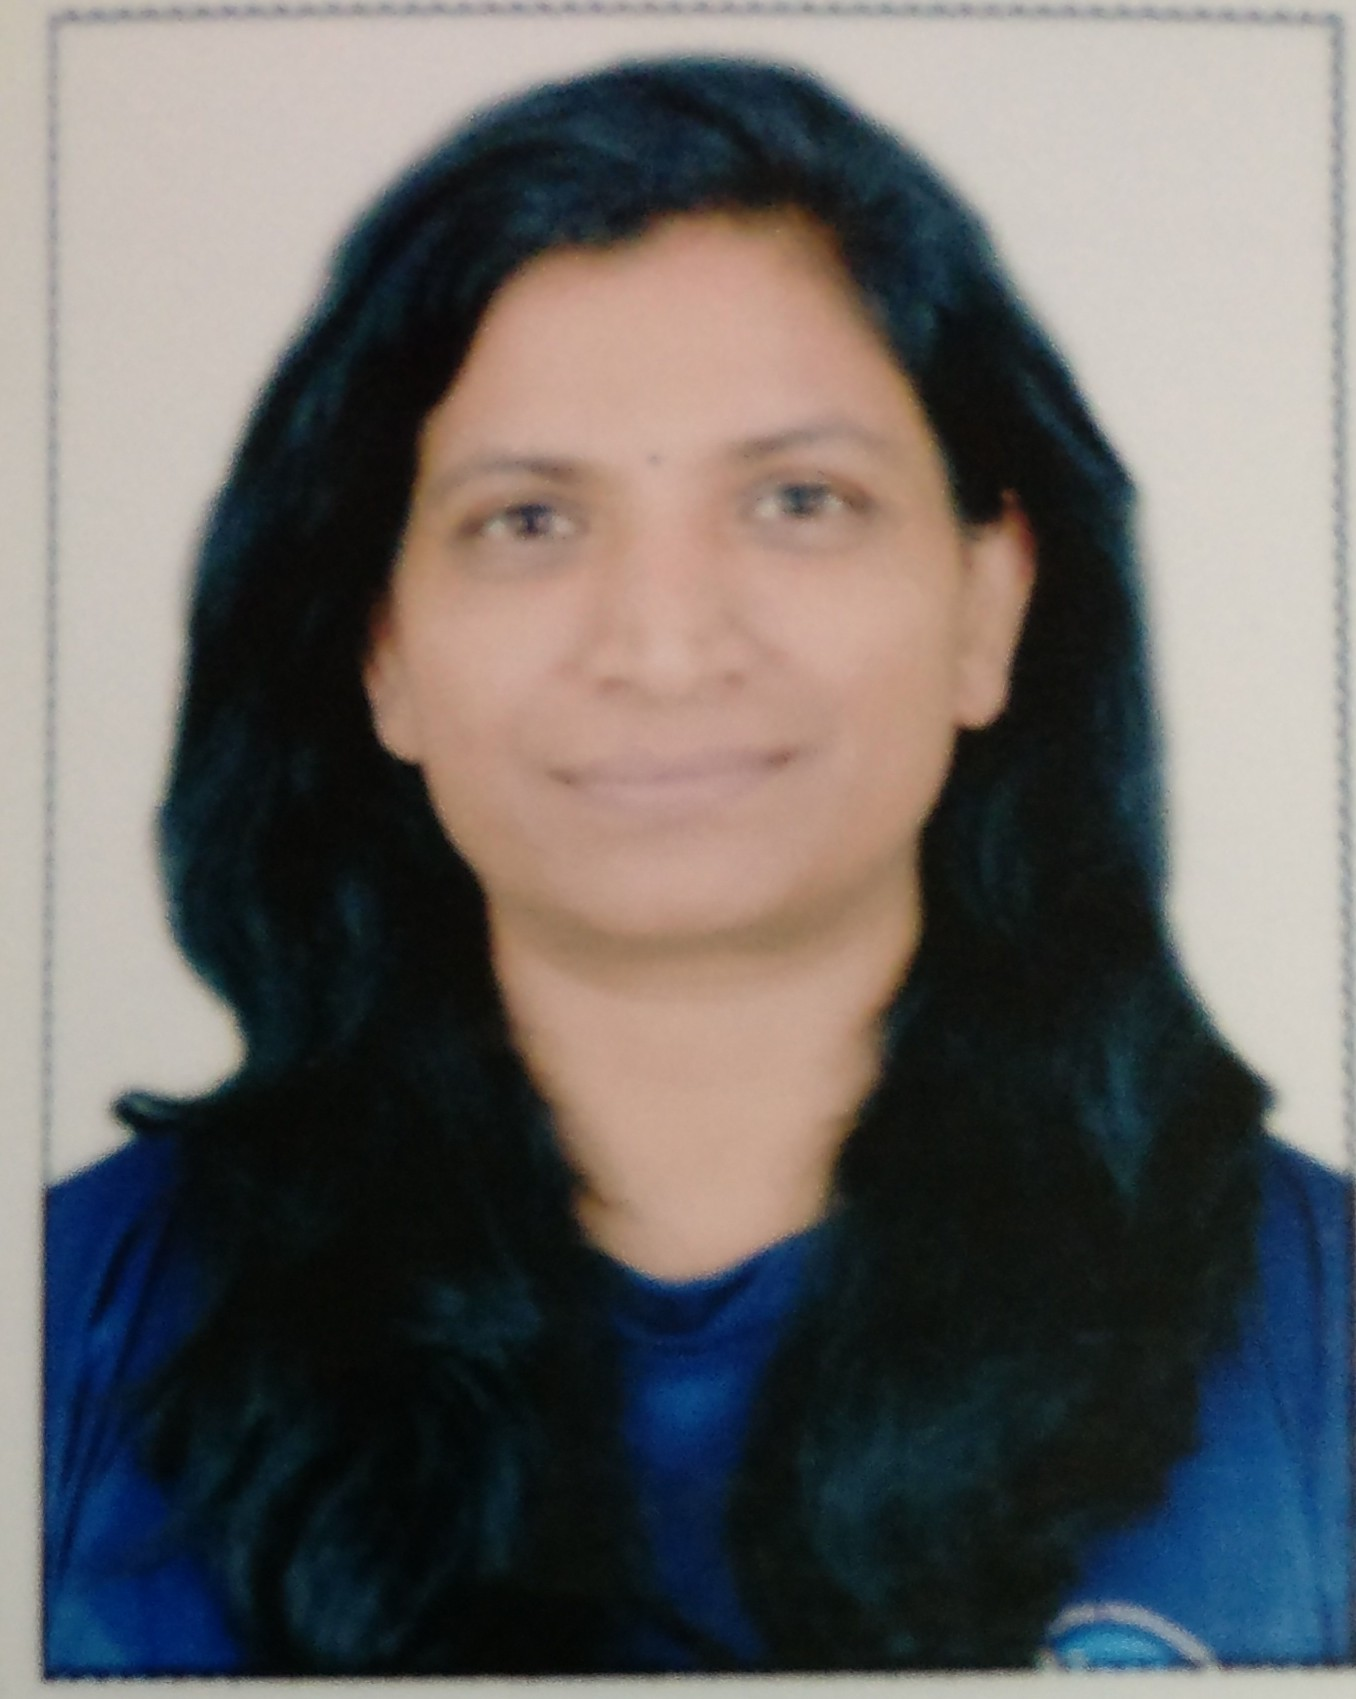 Ms. Sumathi Nallabantu